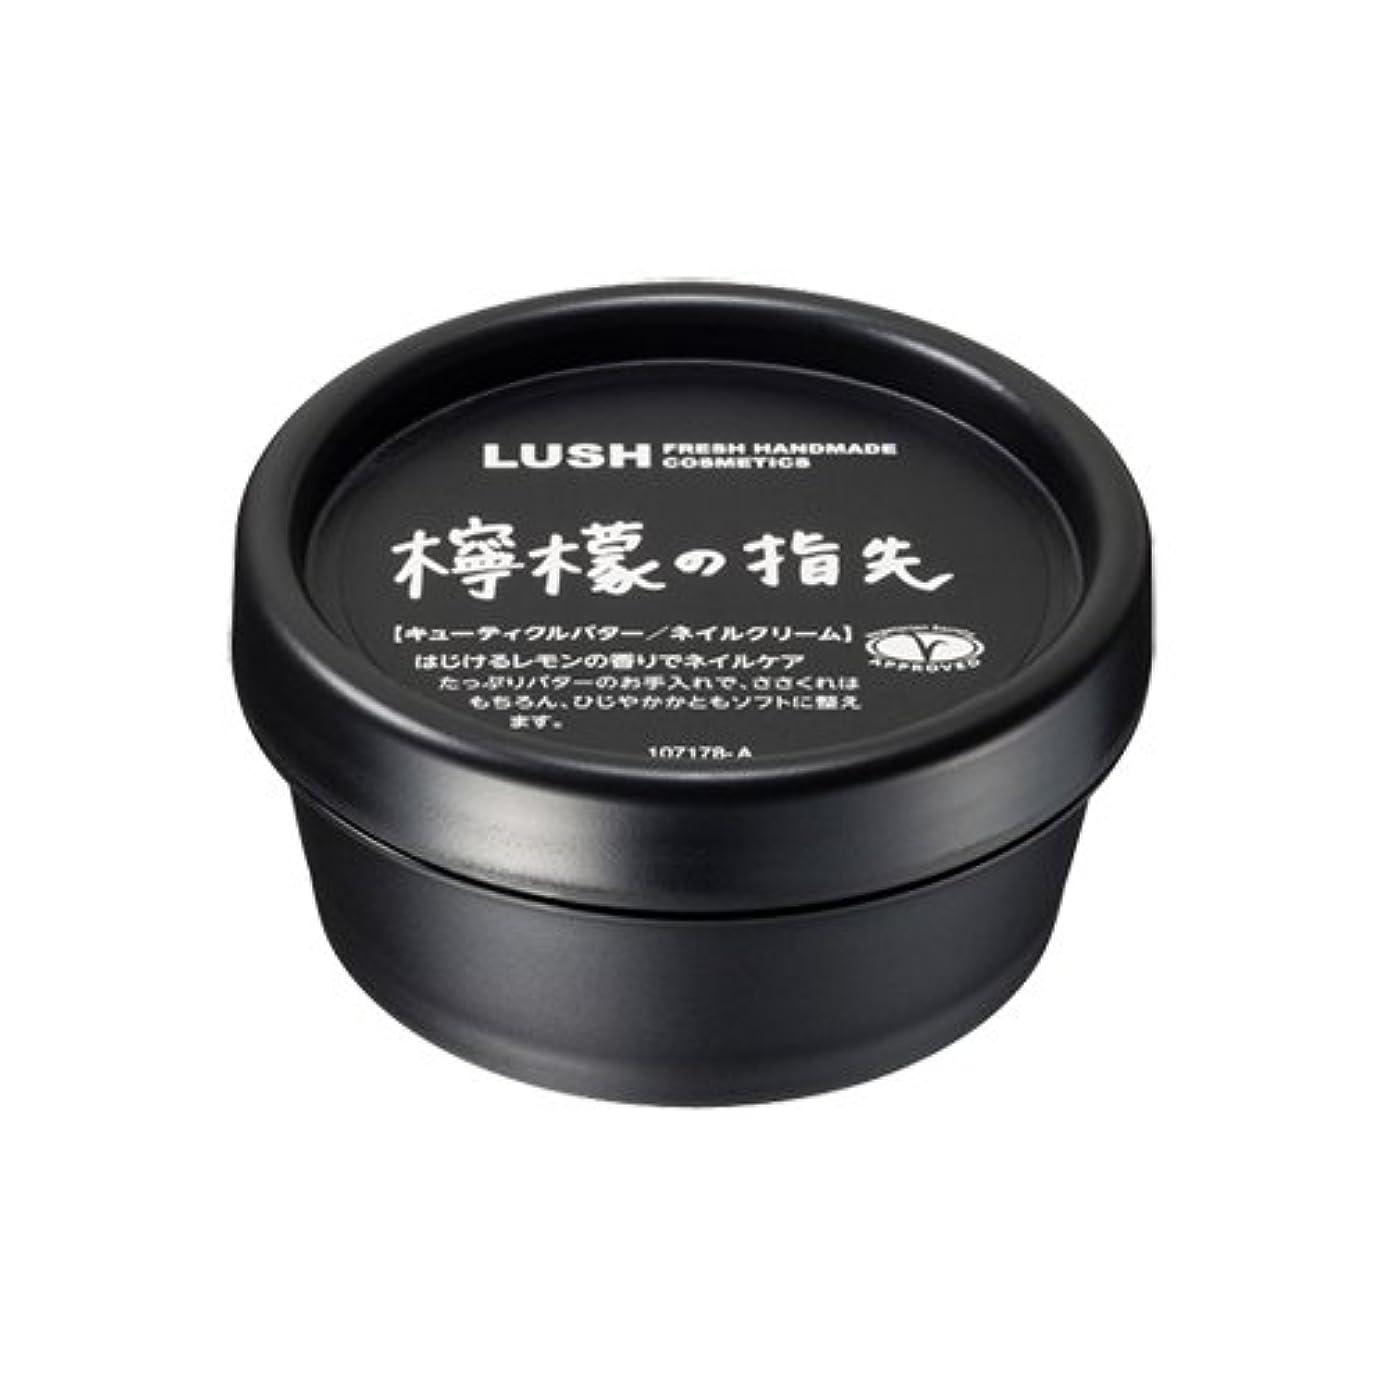 王朝プーノ弾丸LUSH(ラッシュ) 檸檬の指先(50g)